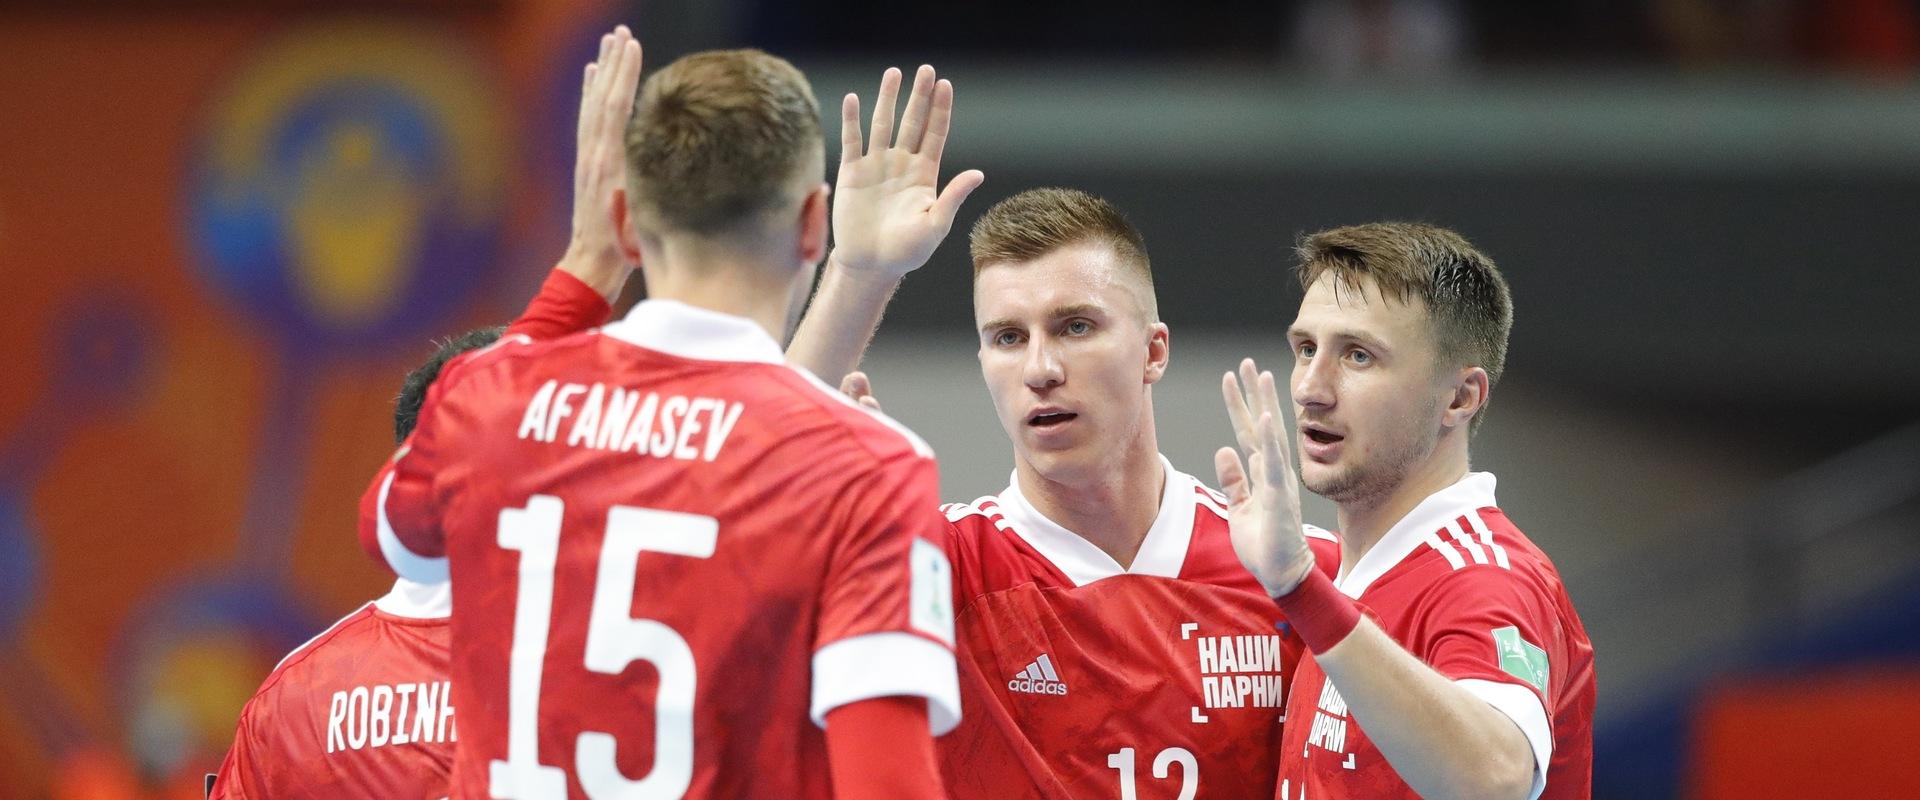 Сборная России узнала соперников по ЕВРО-2022